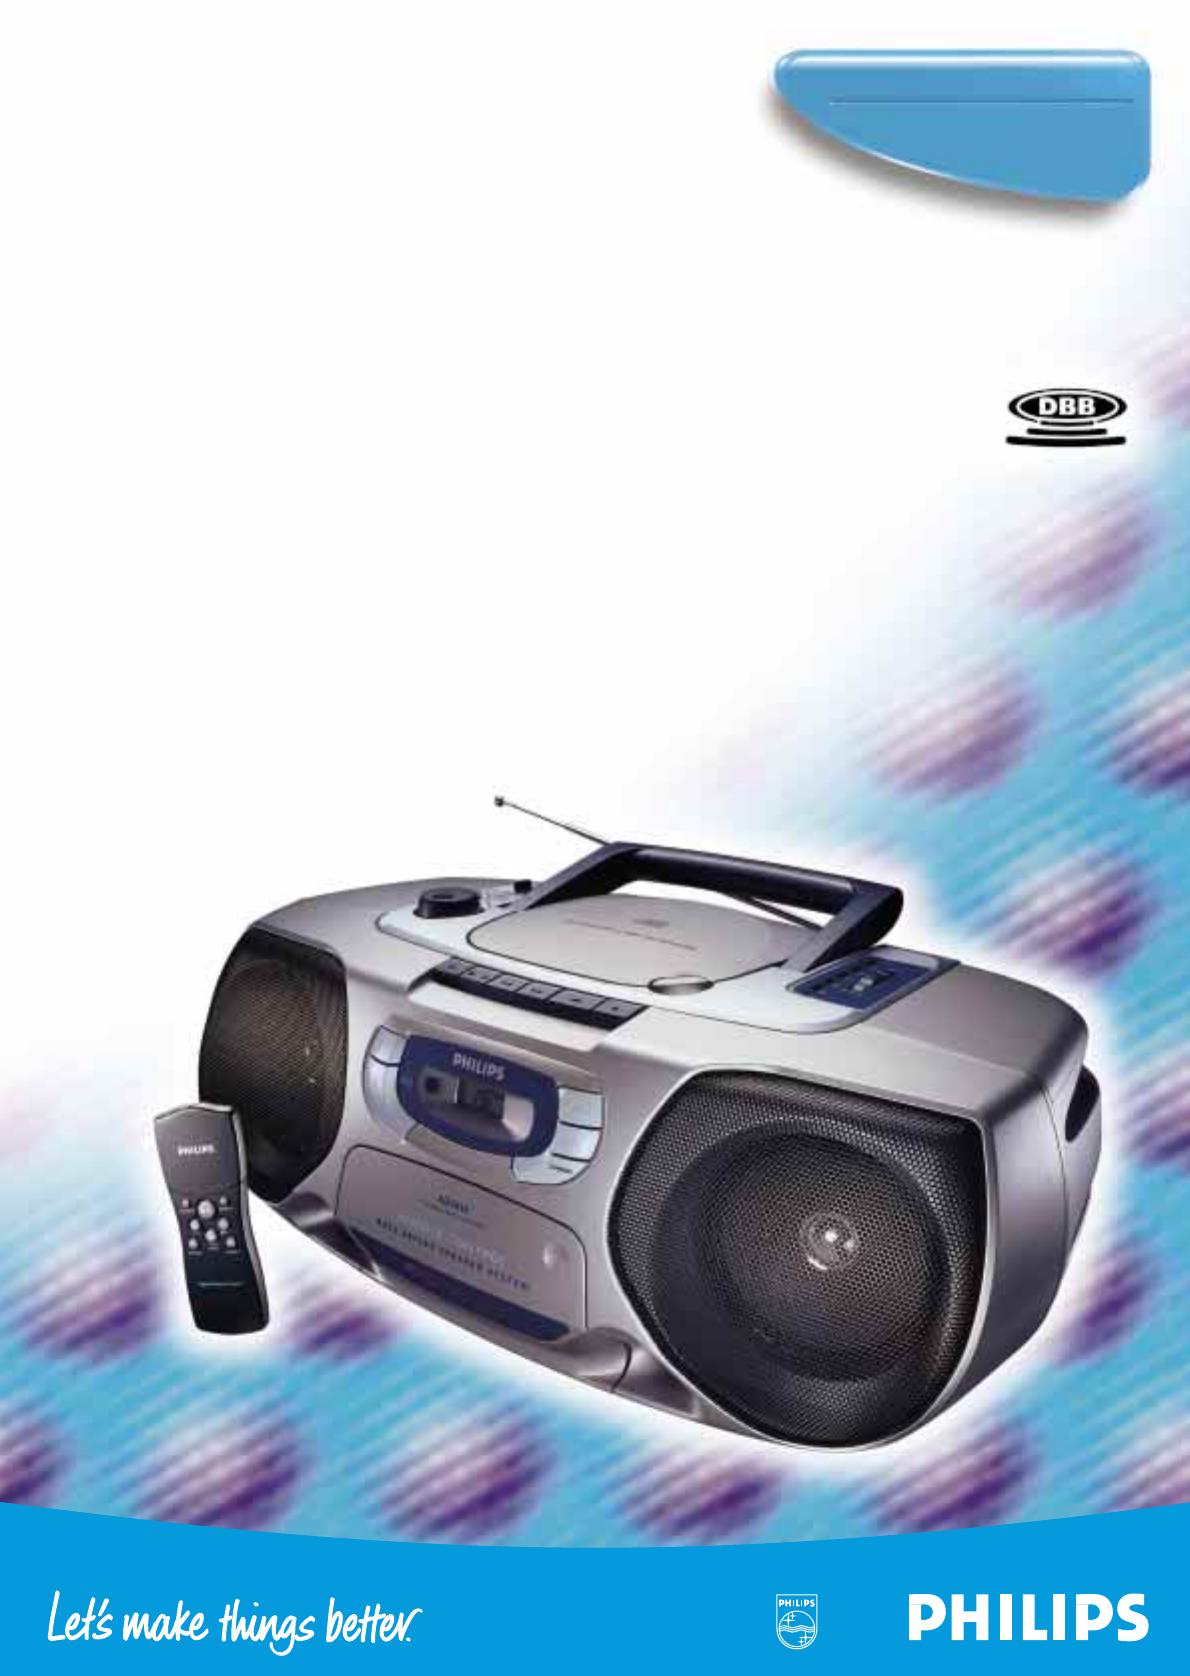 Philips Cd Player Az1015 User Guide Manualsonline Com